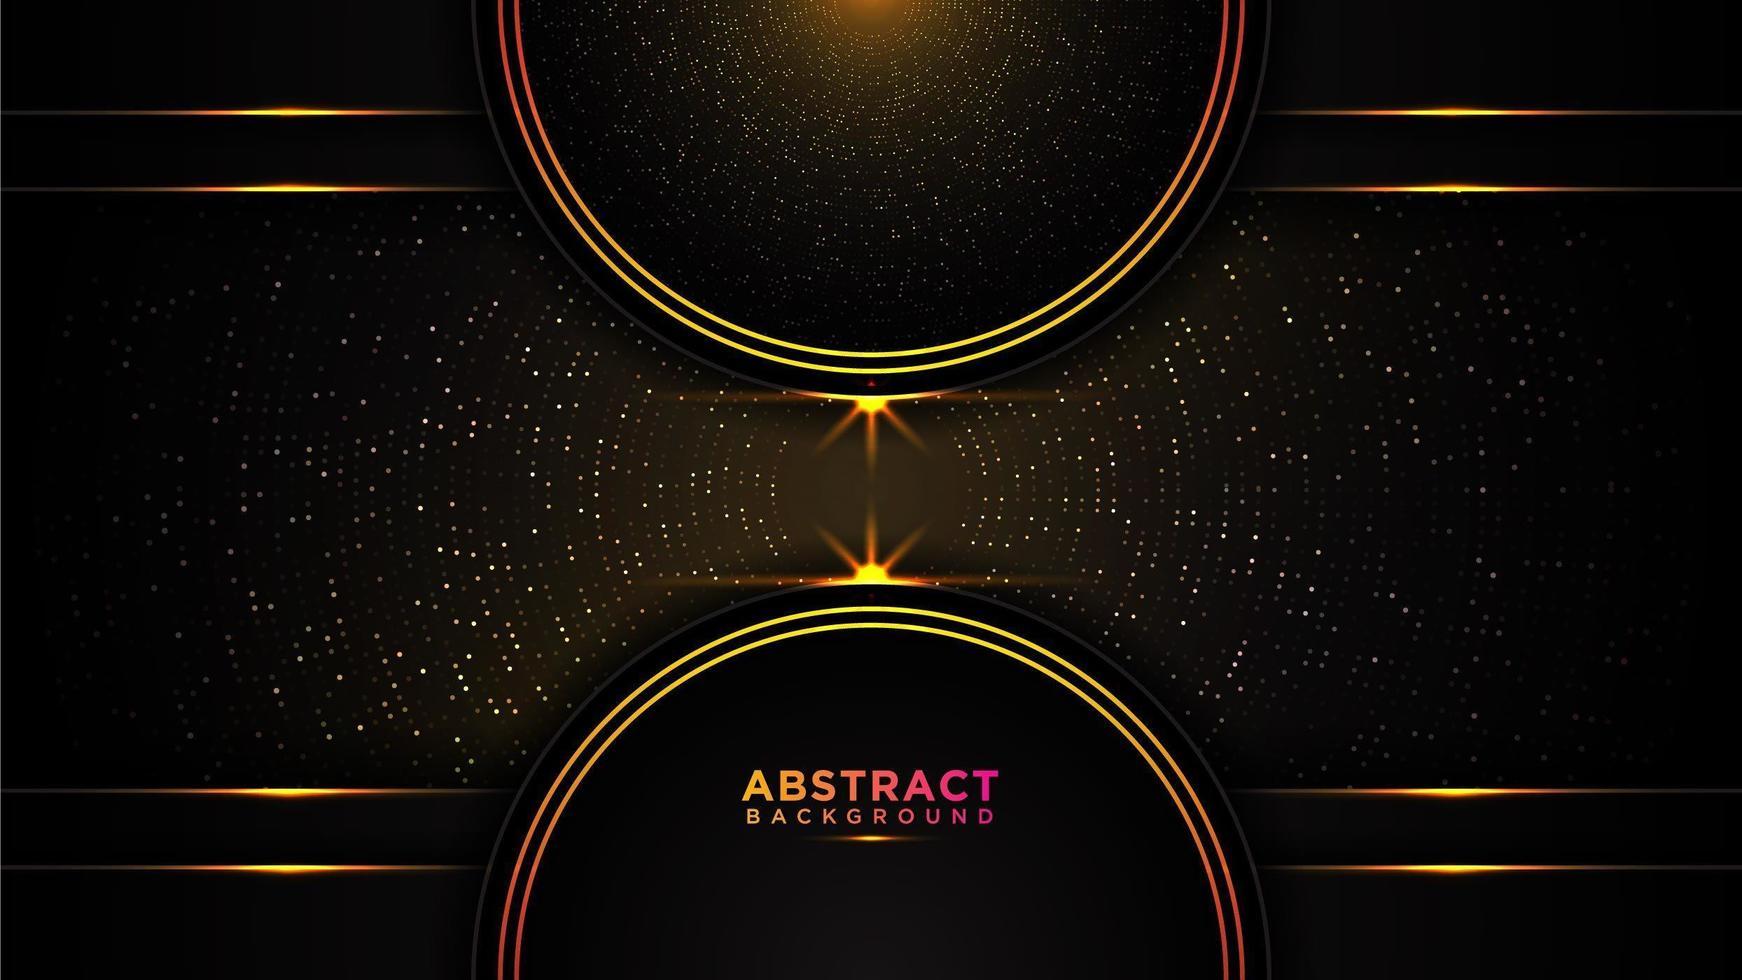 sfondo astratto cerchio nero e oro vettore